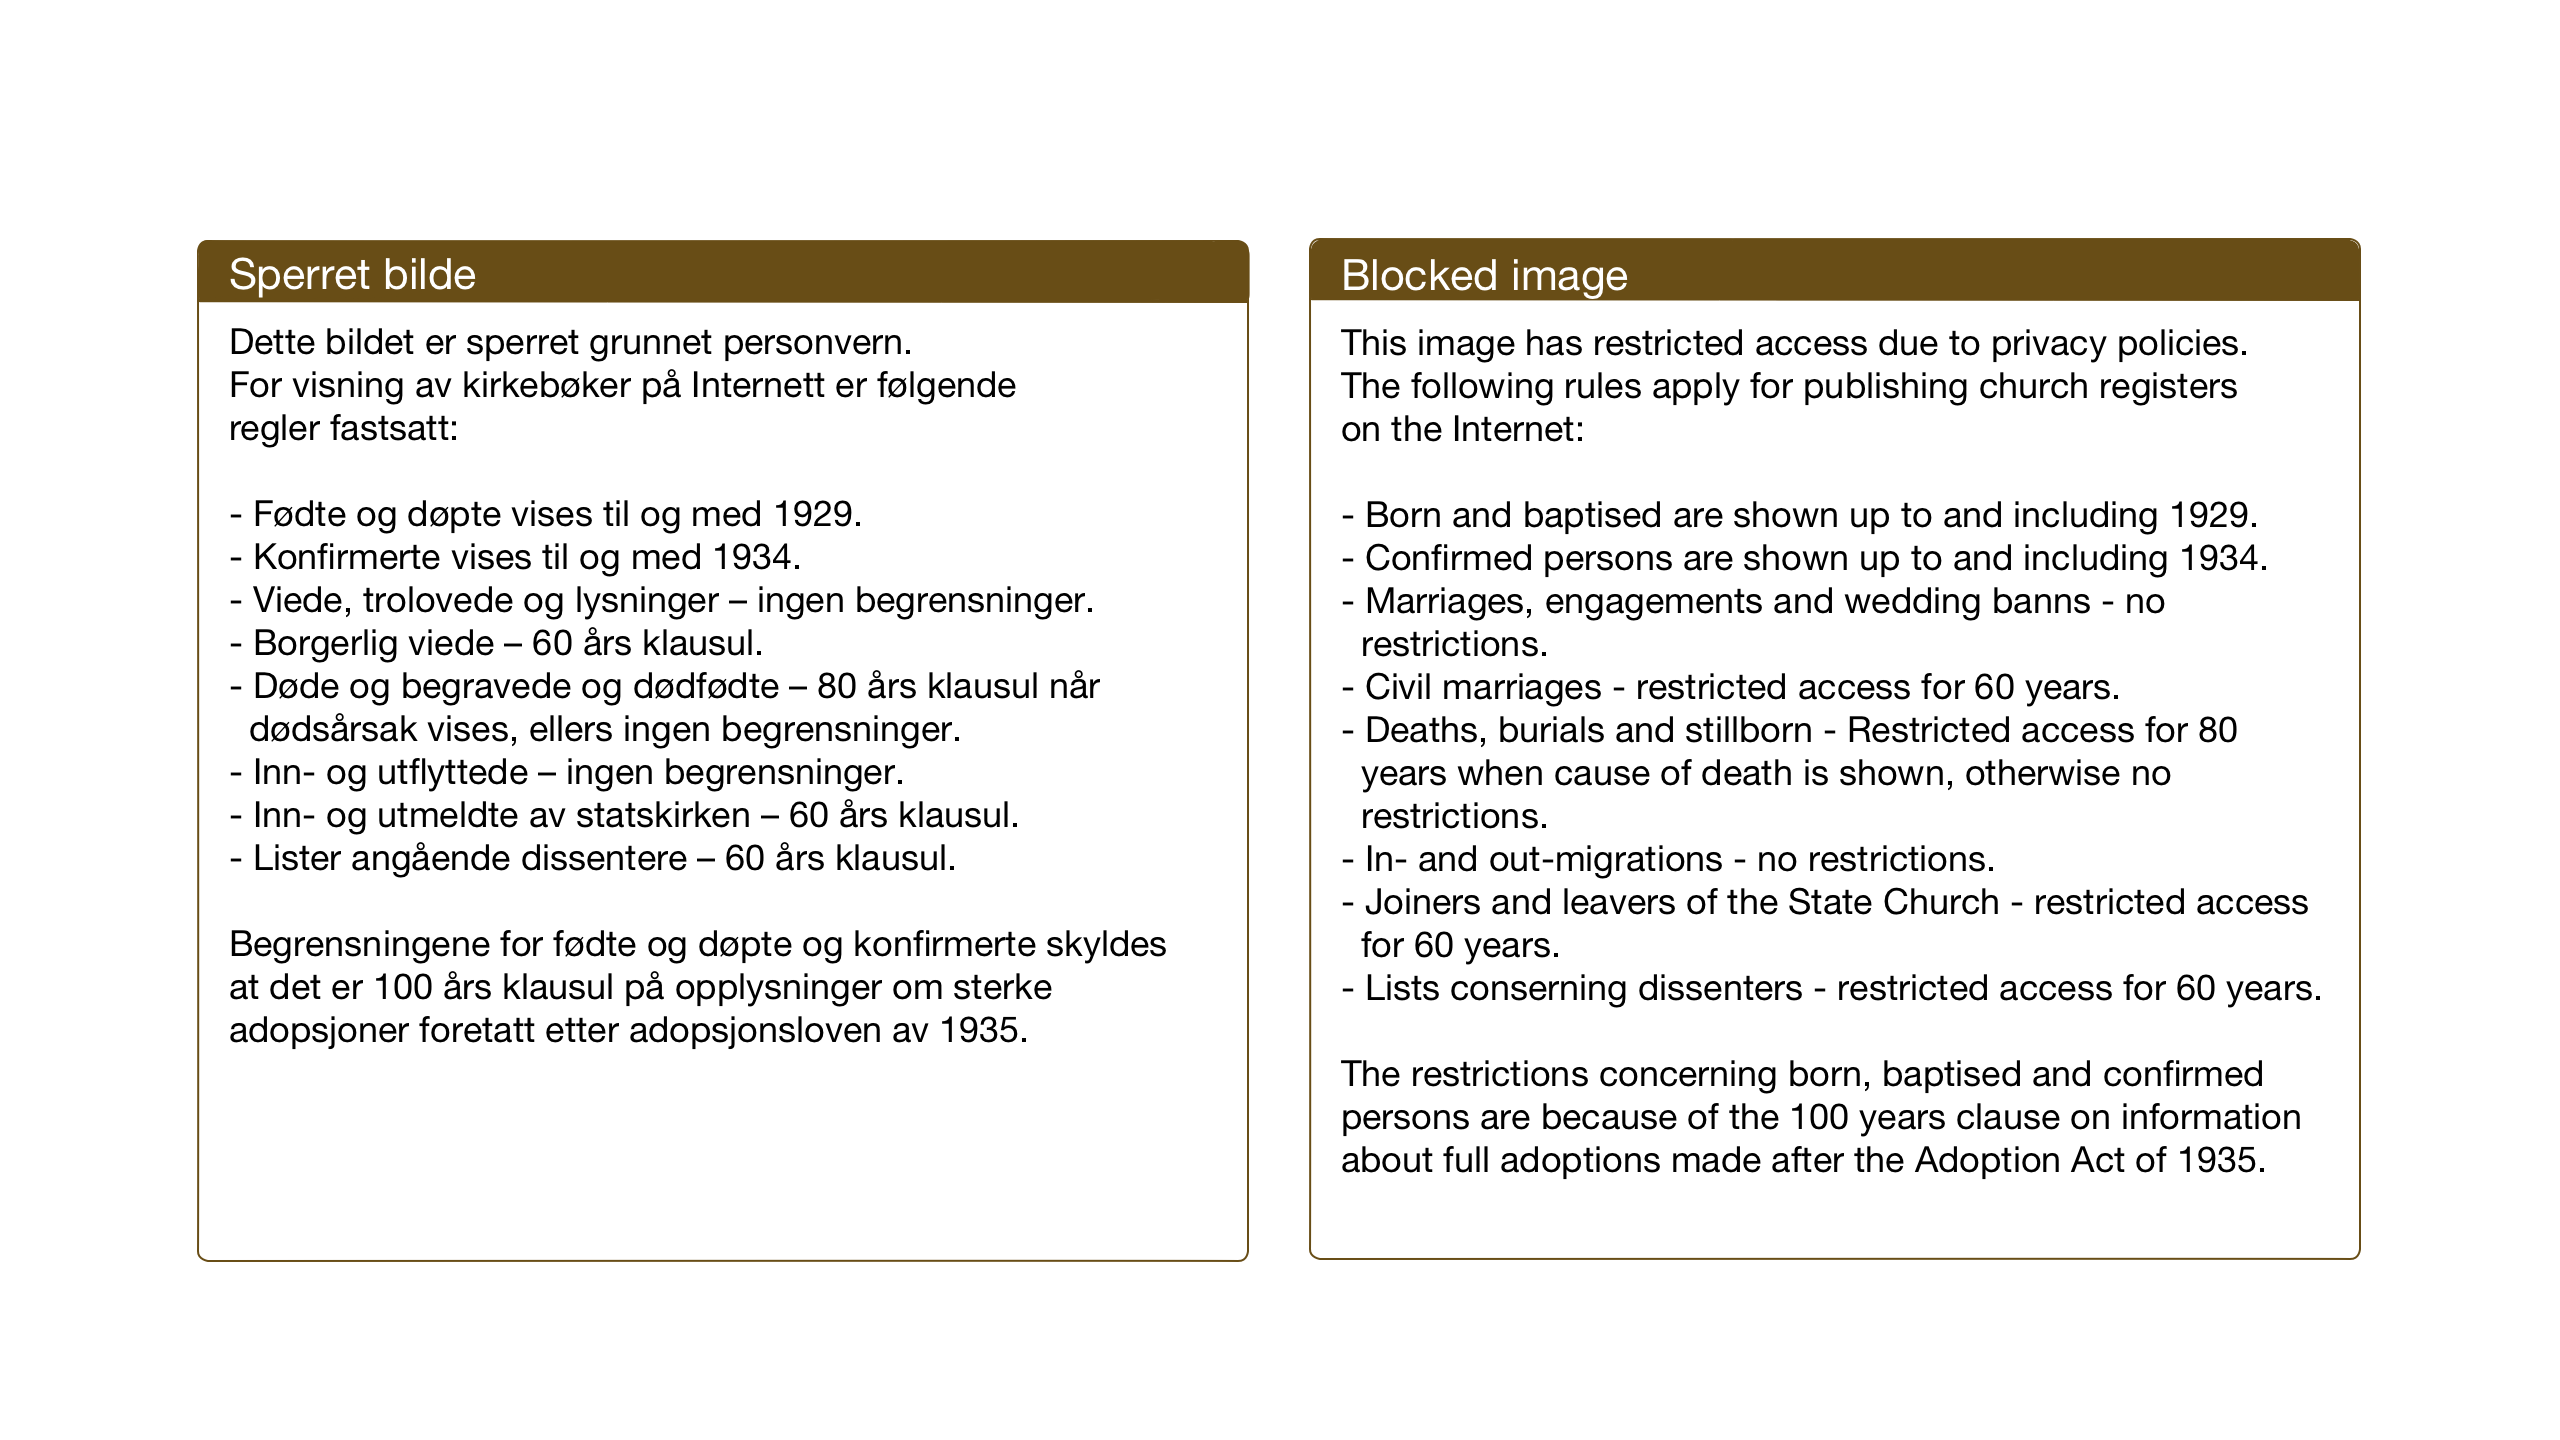 SAT, Ministerialprotokoller, klokkerbøker og fødselsregistre - Sør-Trøndelag, 637/L0564: Klokkerbok nr. 637C05, 1928-1968, s. 231